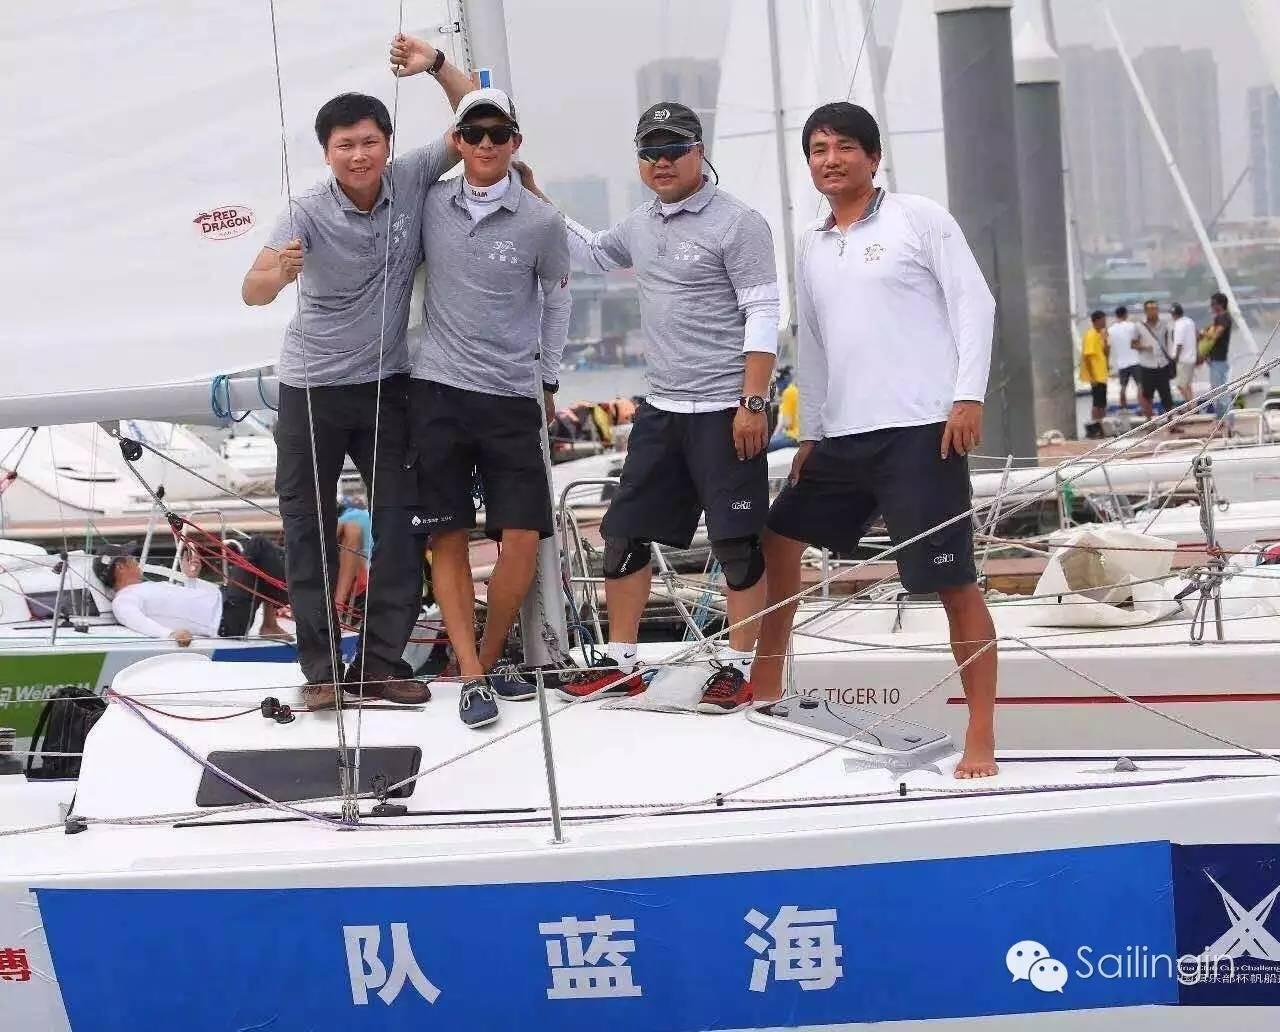 阳光,天气,厦门,工作人员,挑战赛 台风过后,有阳光照进心里,2016中国俱乐部杯帆船挑战赛堪称史上最温暖的帆船赛。 2b4a50924469801a62a5880115a31aca.jpg